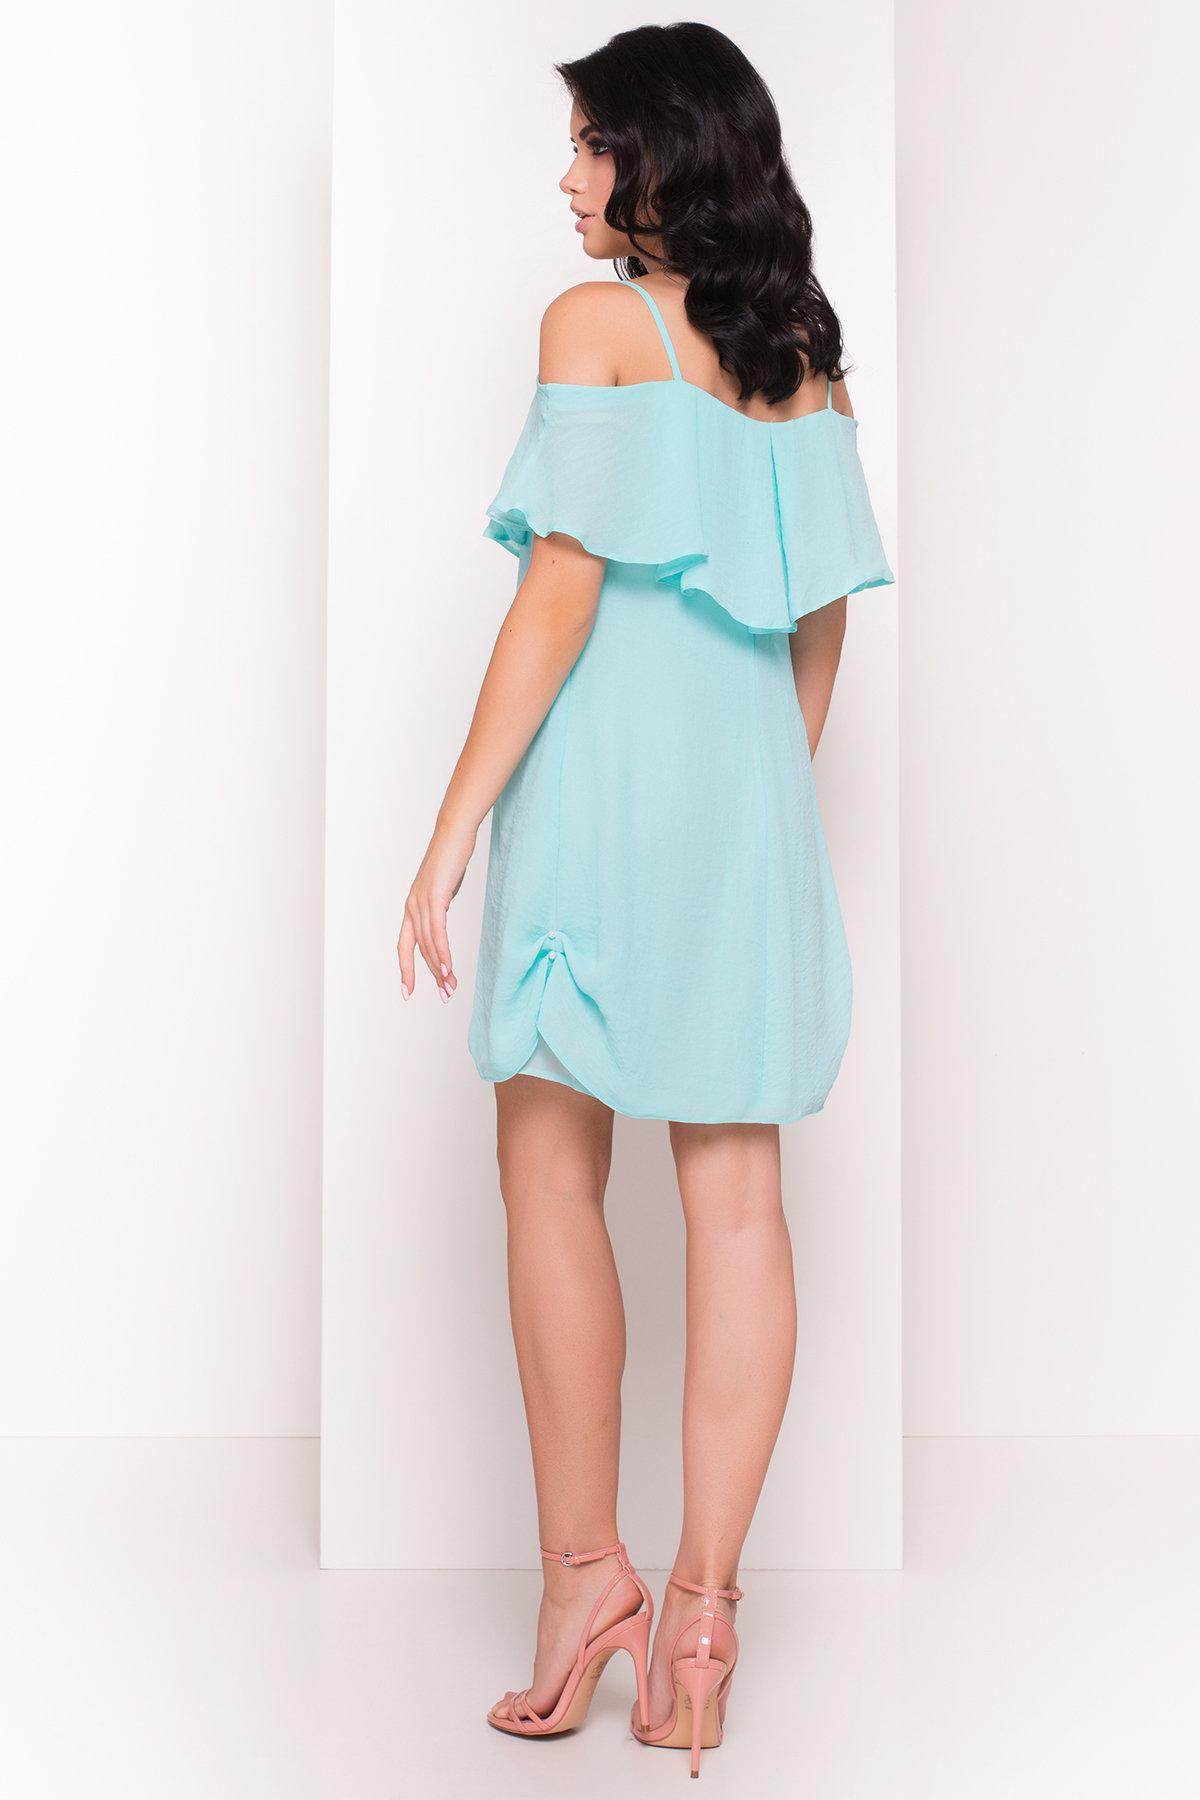 TW Платье Восток 5123 АРТ. 35974 Цвет: Мята - фото 4, интернет магазин tm-modus.ru